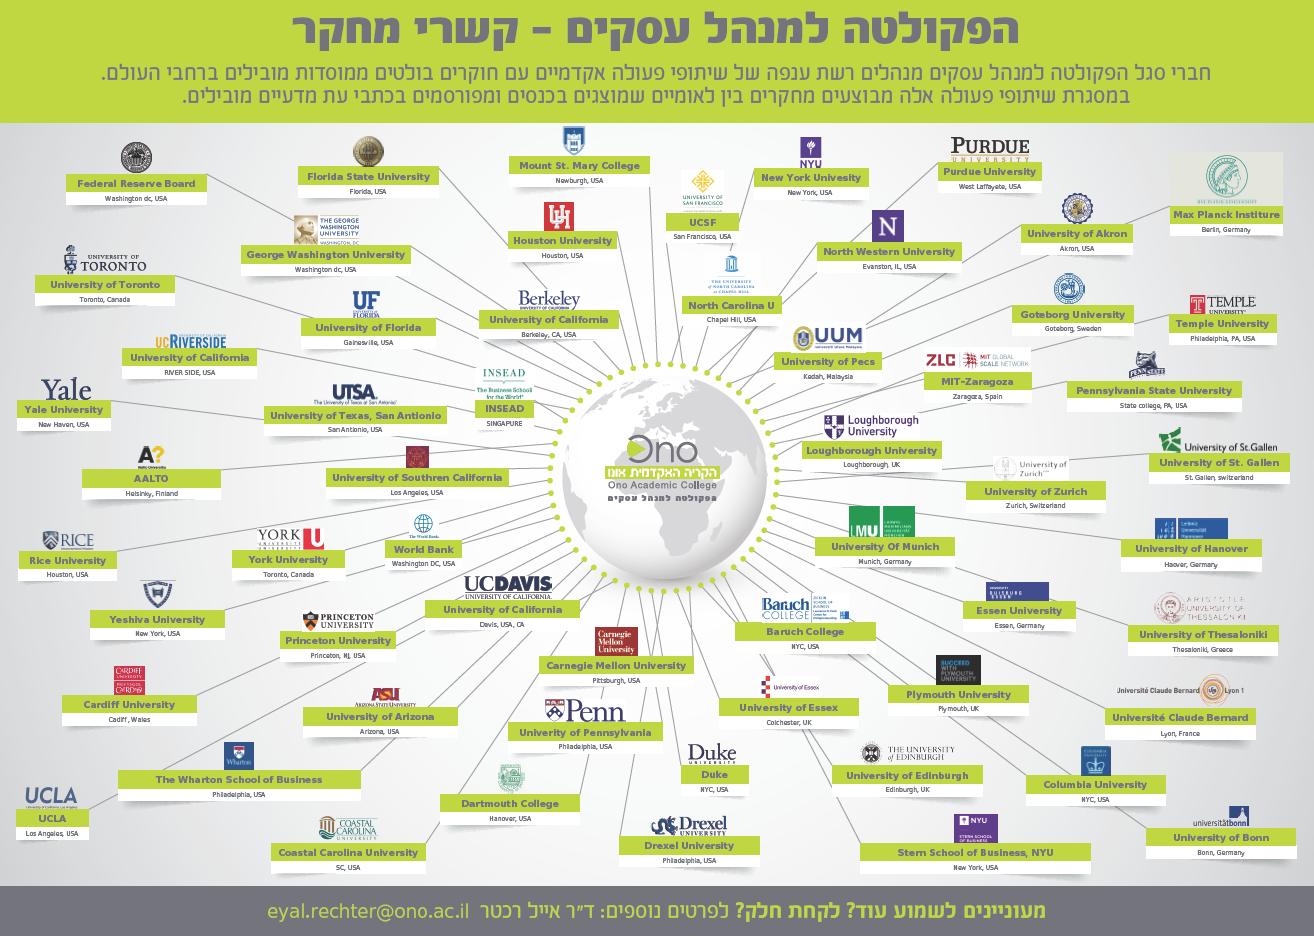 שיתופי פעולה בינלאומיים